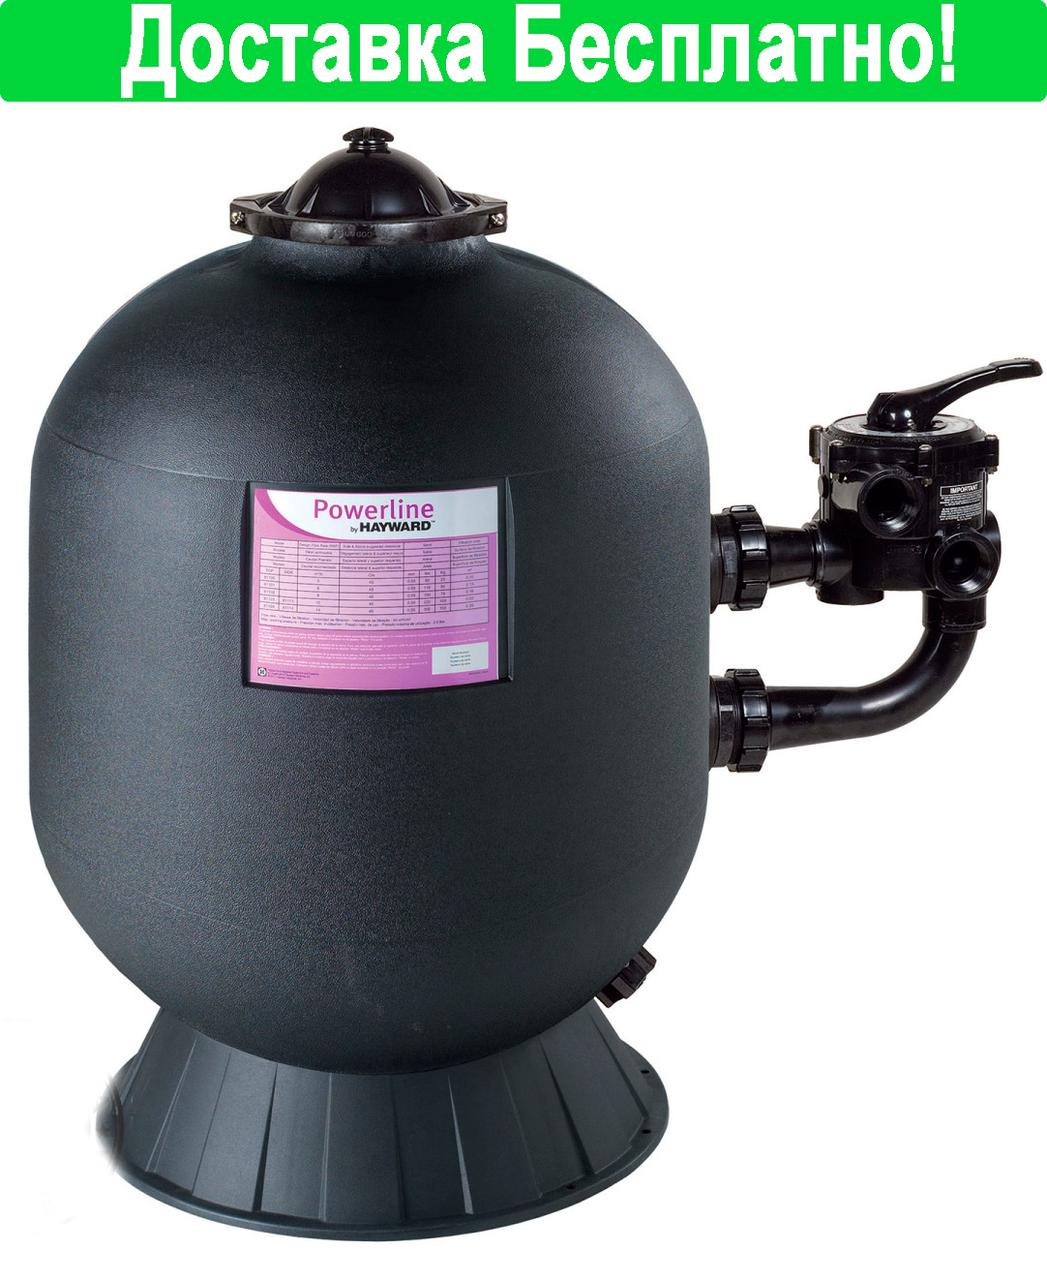 Фильтр для бассейна HAYWARD серии PowerLine 81114 (14 м3/час, 150 кг песка)